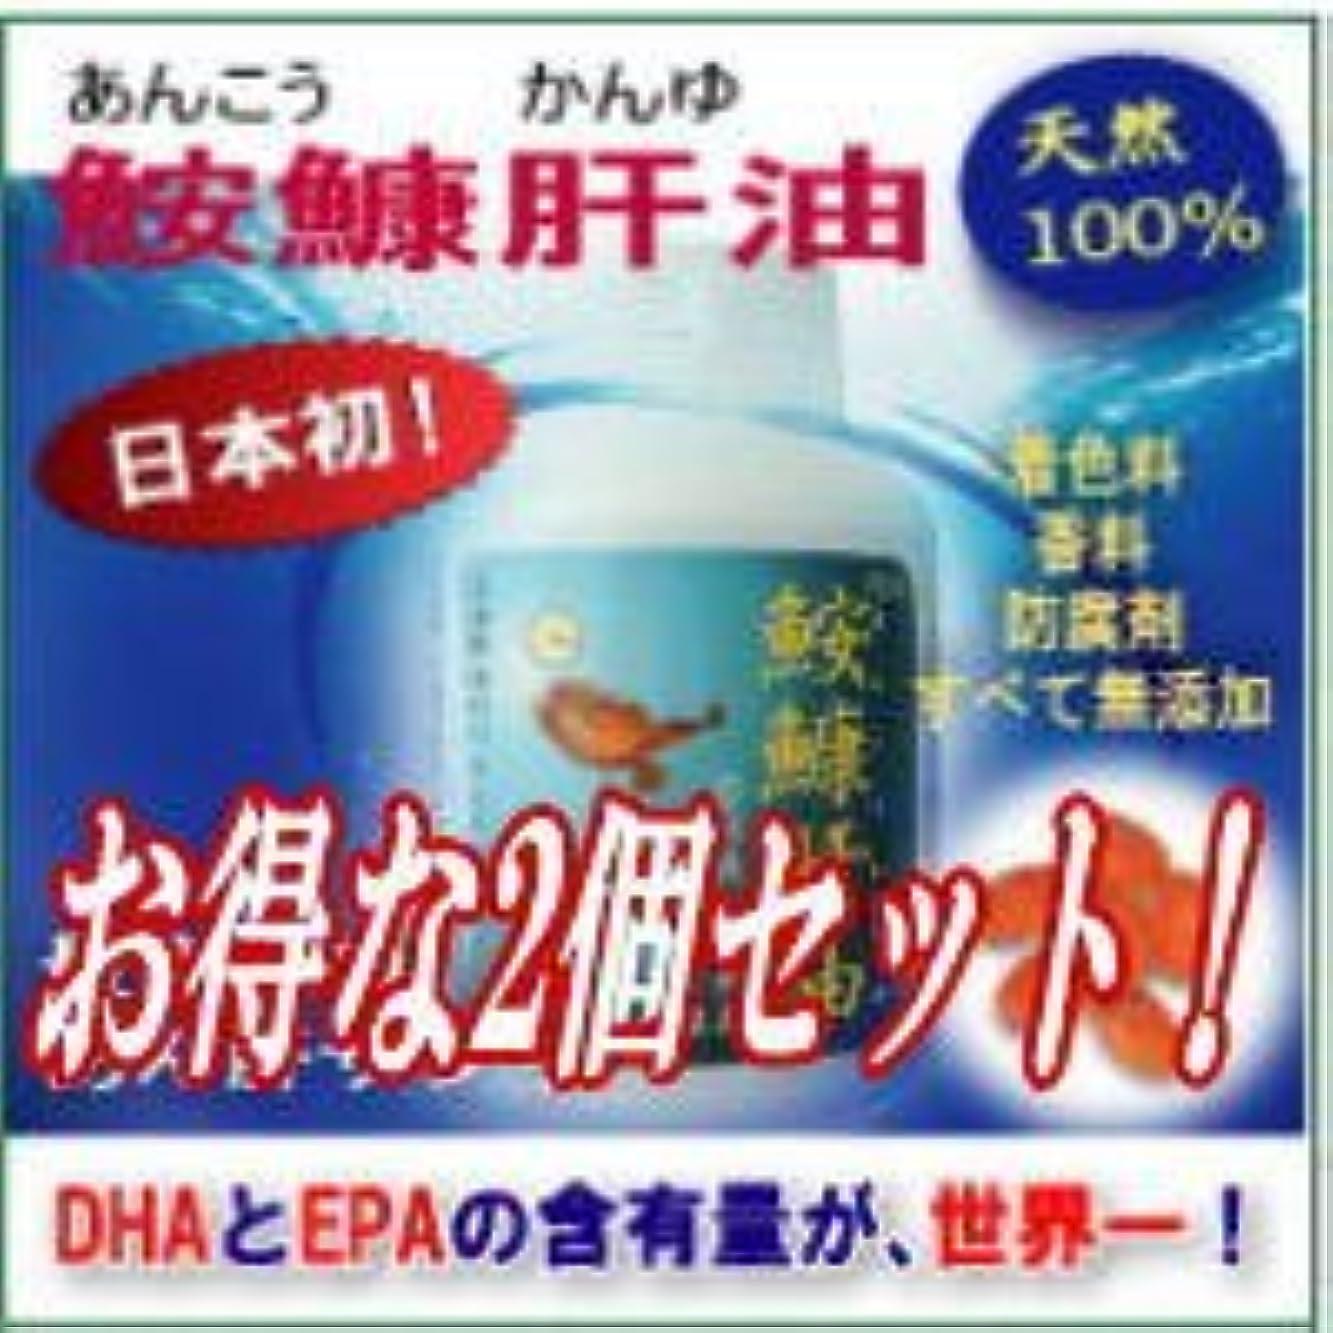 ポータルコークスリーガン【 鮟鱇肝油(あんこうかんゆ) お得な2個セット 】あん肝は栄養の宝庫です!DHA?EPAの含有量は他の動植物の中で世界一!